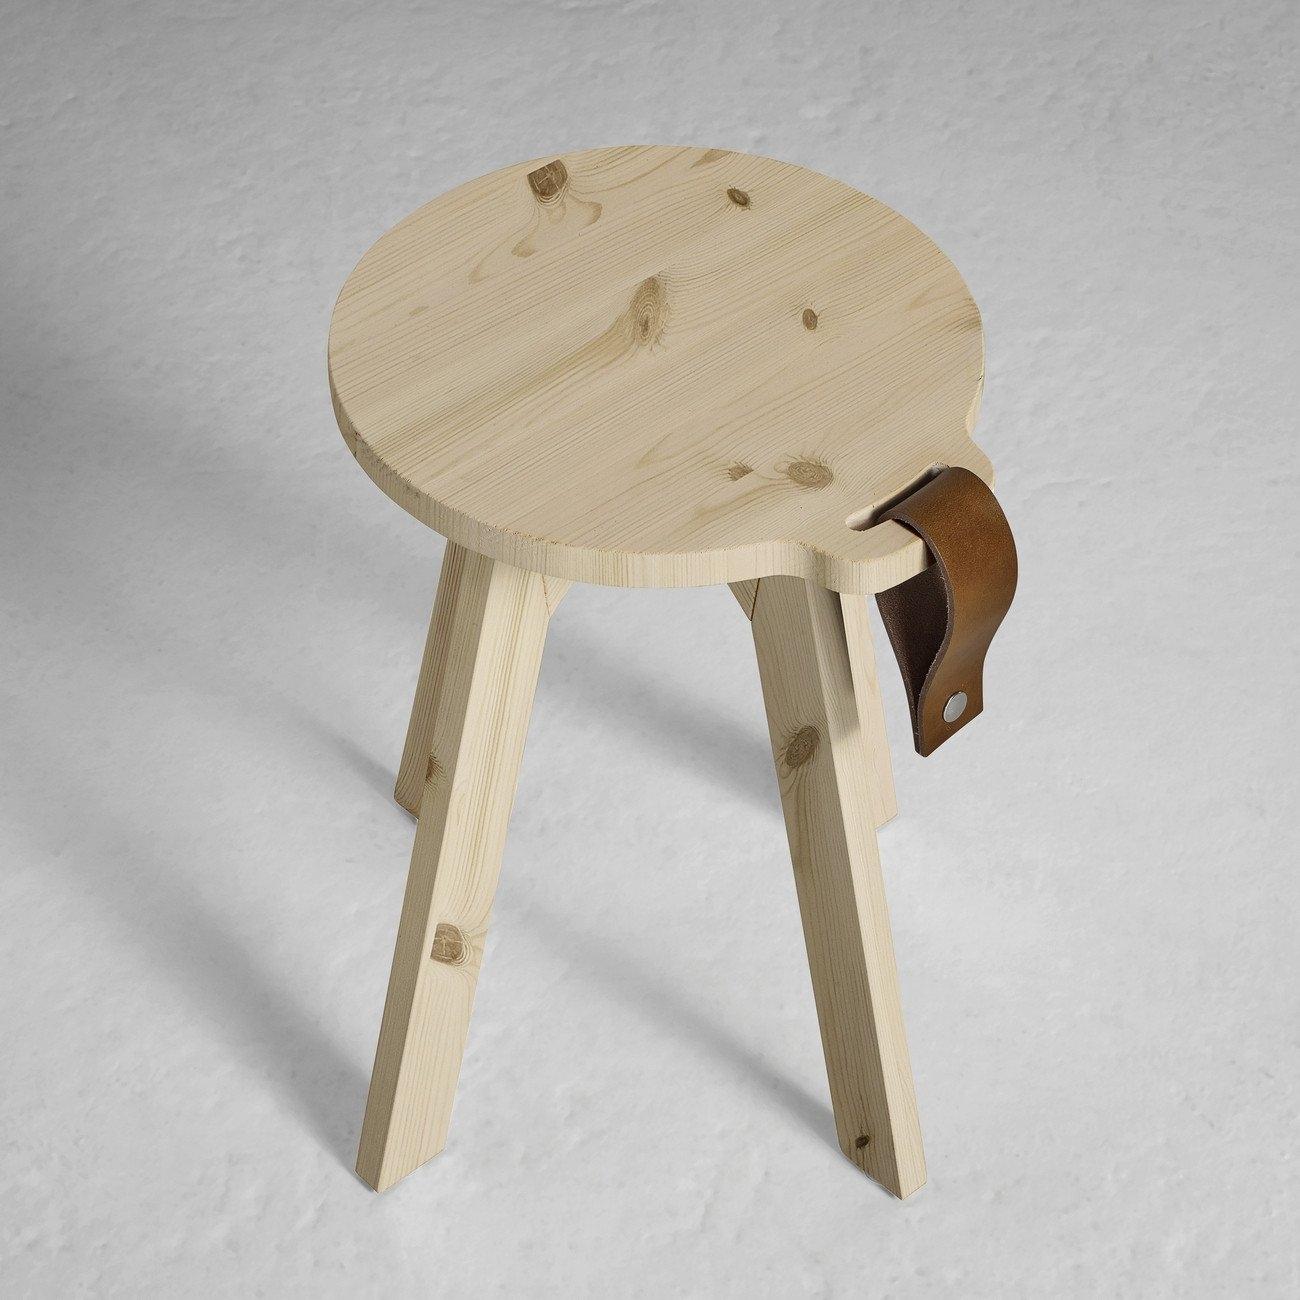 Country sgabello in legno